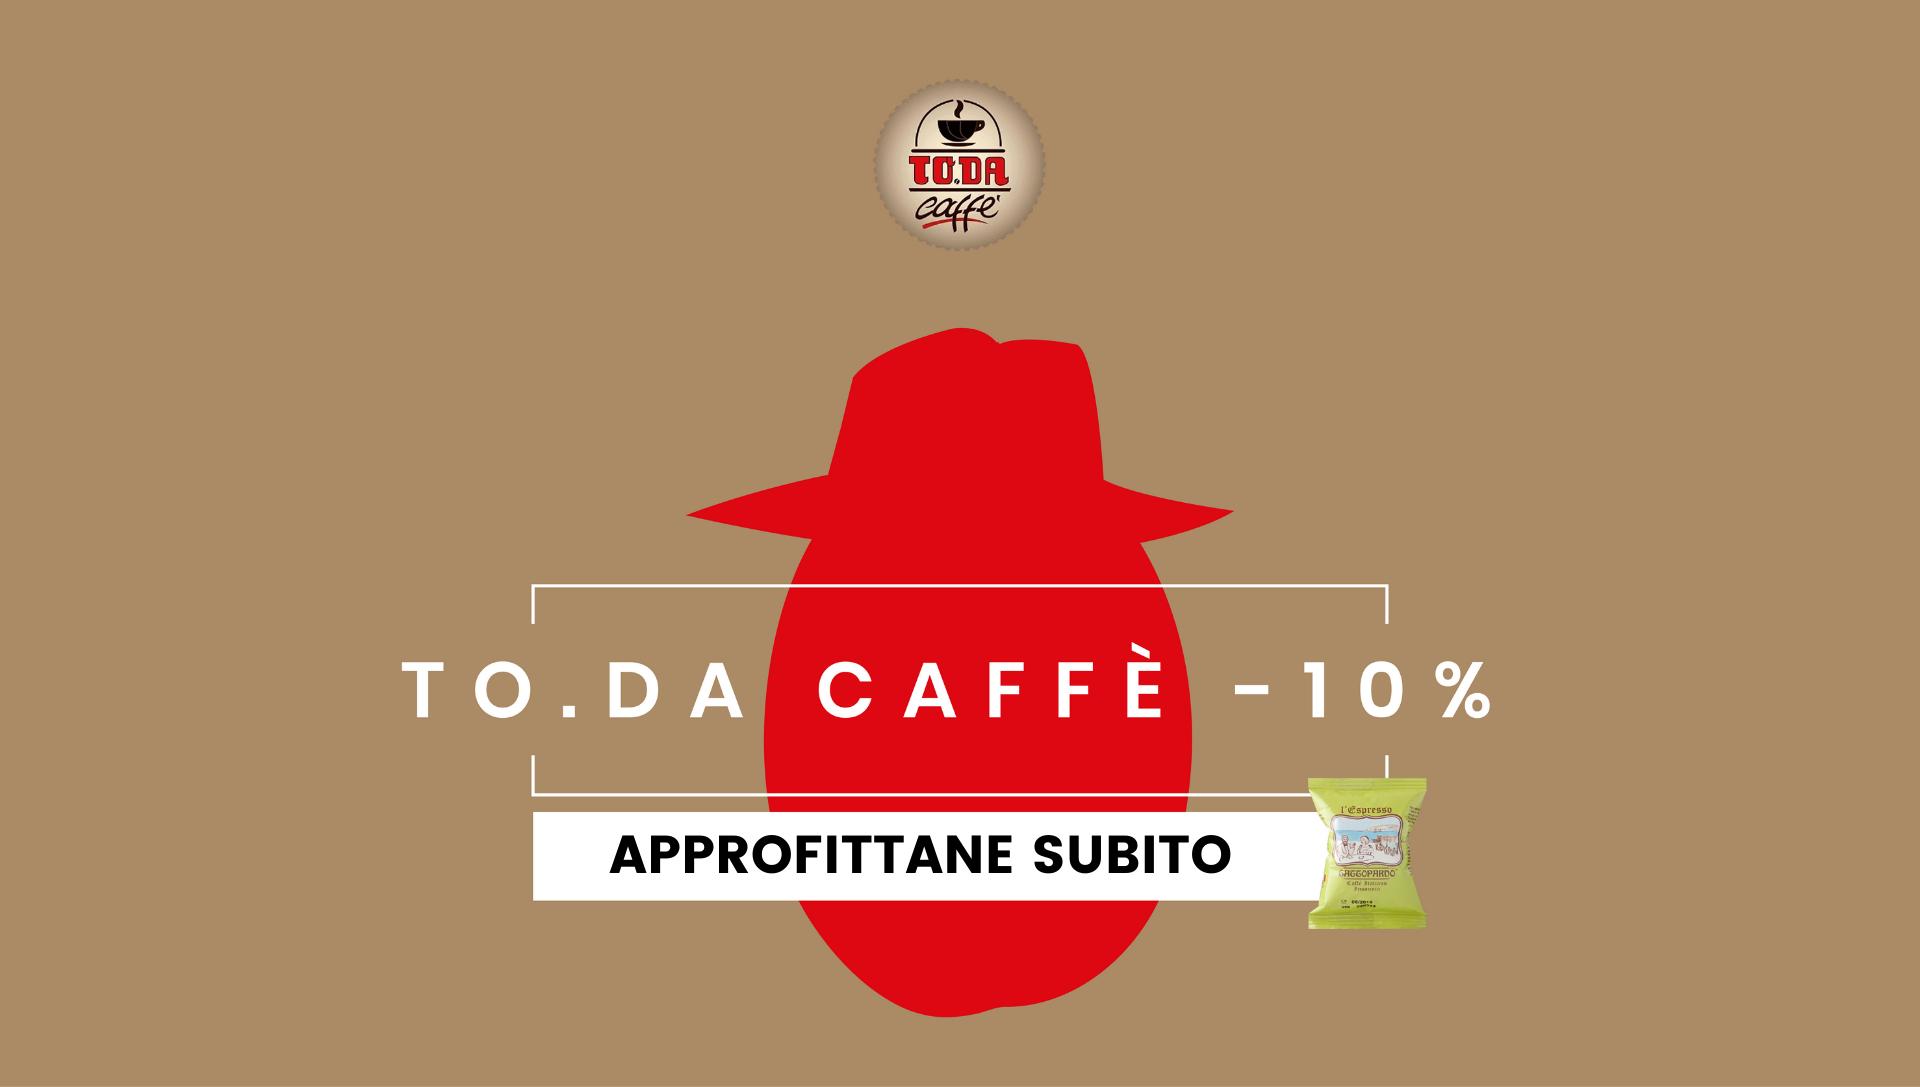 Boss delle cialde To.Da Caffè gattopardo Sconto Prezzi 10% Consegna Gratuita capsule